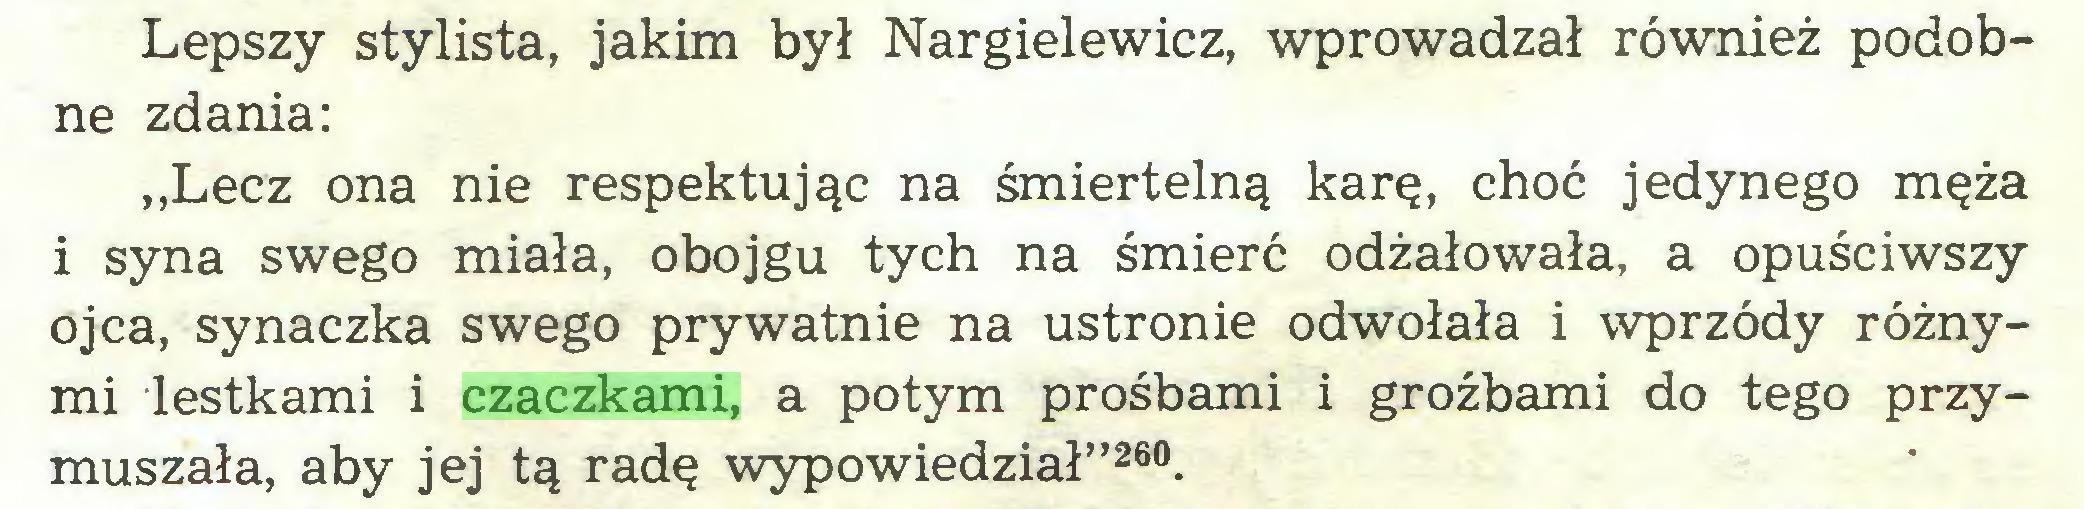 """(...) Lepszy stylista, jakim był Nargielewicz, wprowadzał również podobne zdania: """"Lecz ona nie respektując na śmiertelną karę, choć jedynego męża i syna swego miała, obojgu tych na śmierć odżałowała, a opuściwszy ojca, synaczka swego prywatnie na ustronie odwołała i wprzódy różnymi lestkami i czaczkami, a potym prośbami i groźbami do tego przymuszała, aby jej tą radę wypowiedział""""260..."""